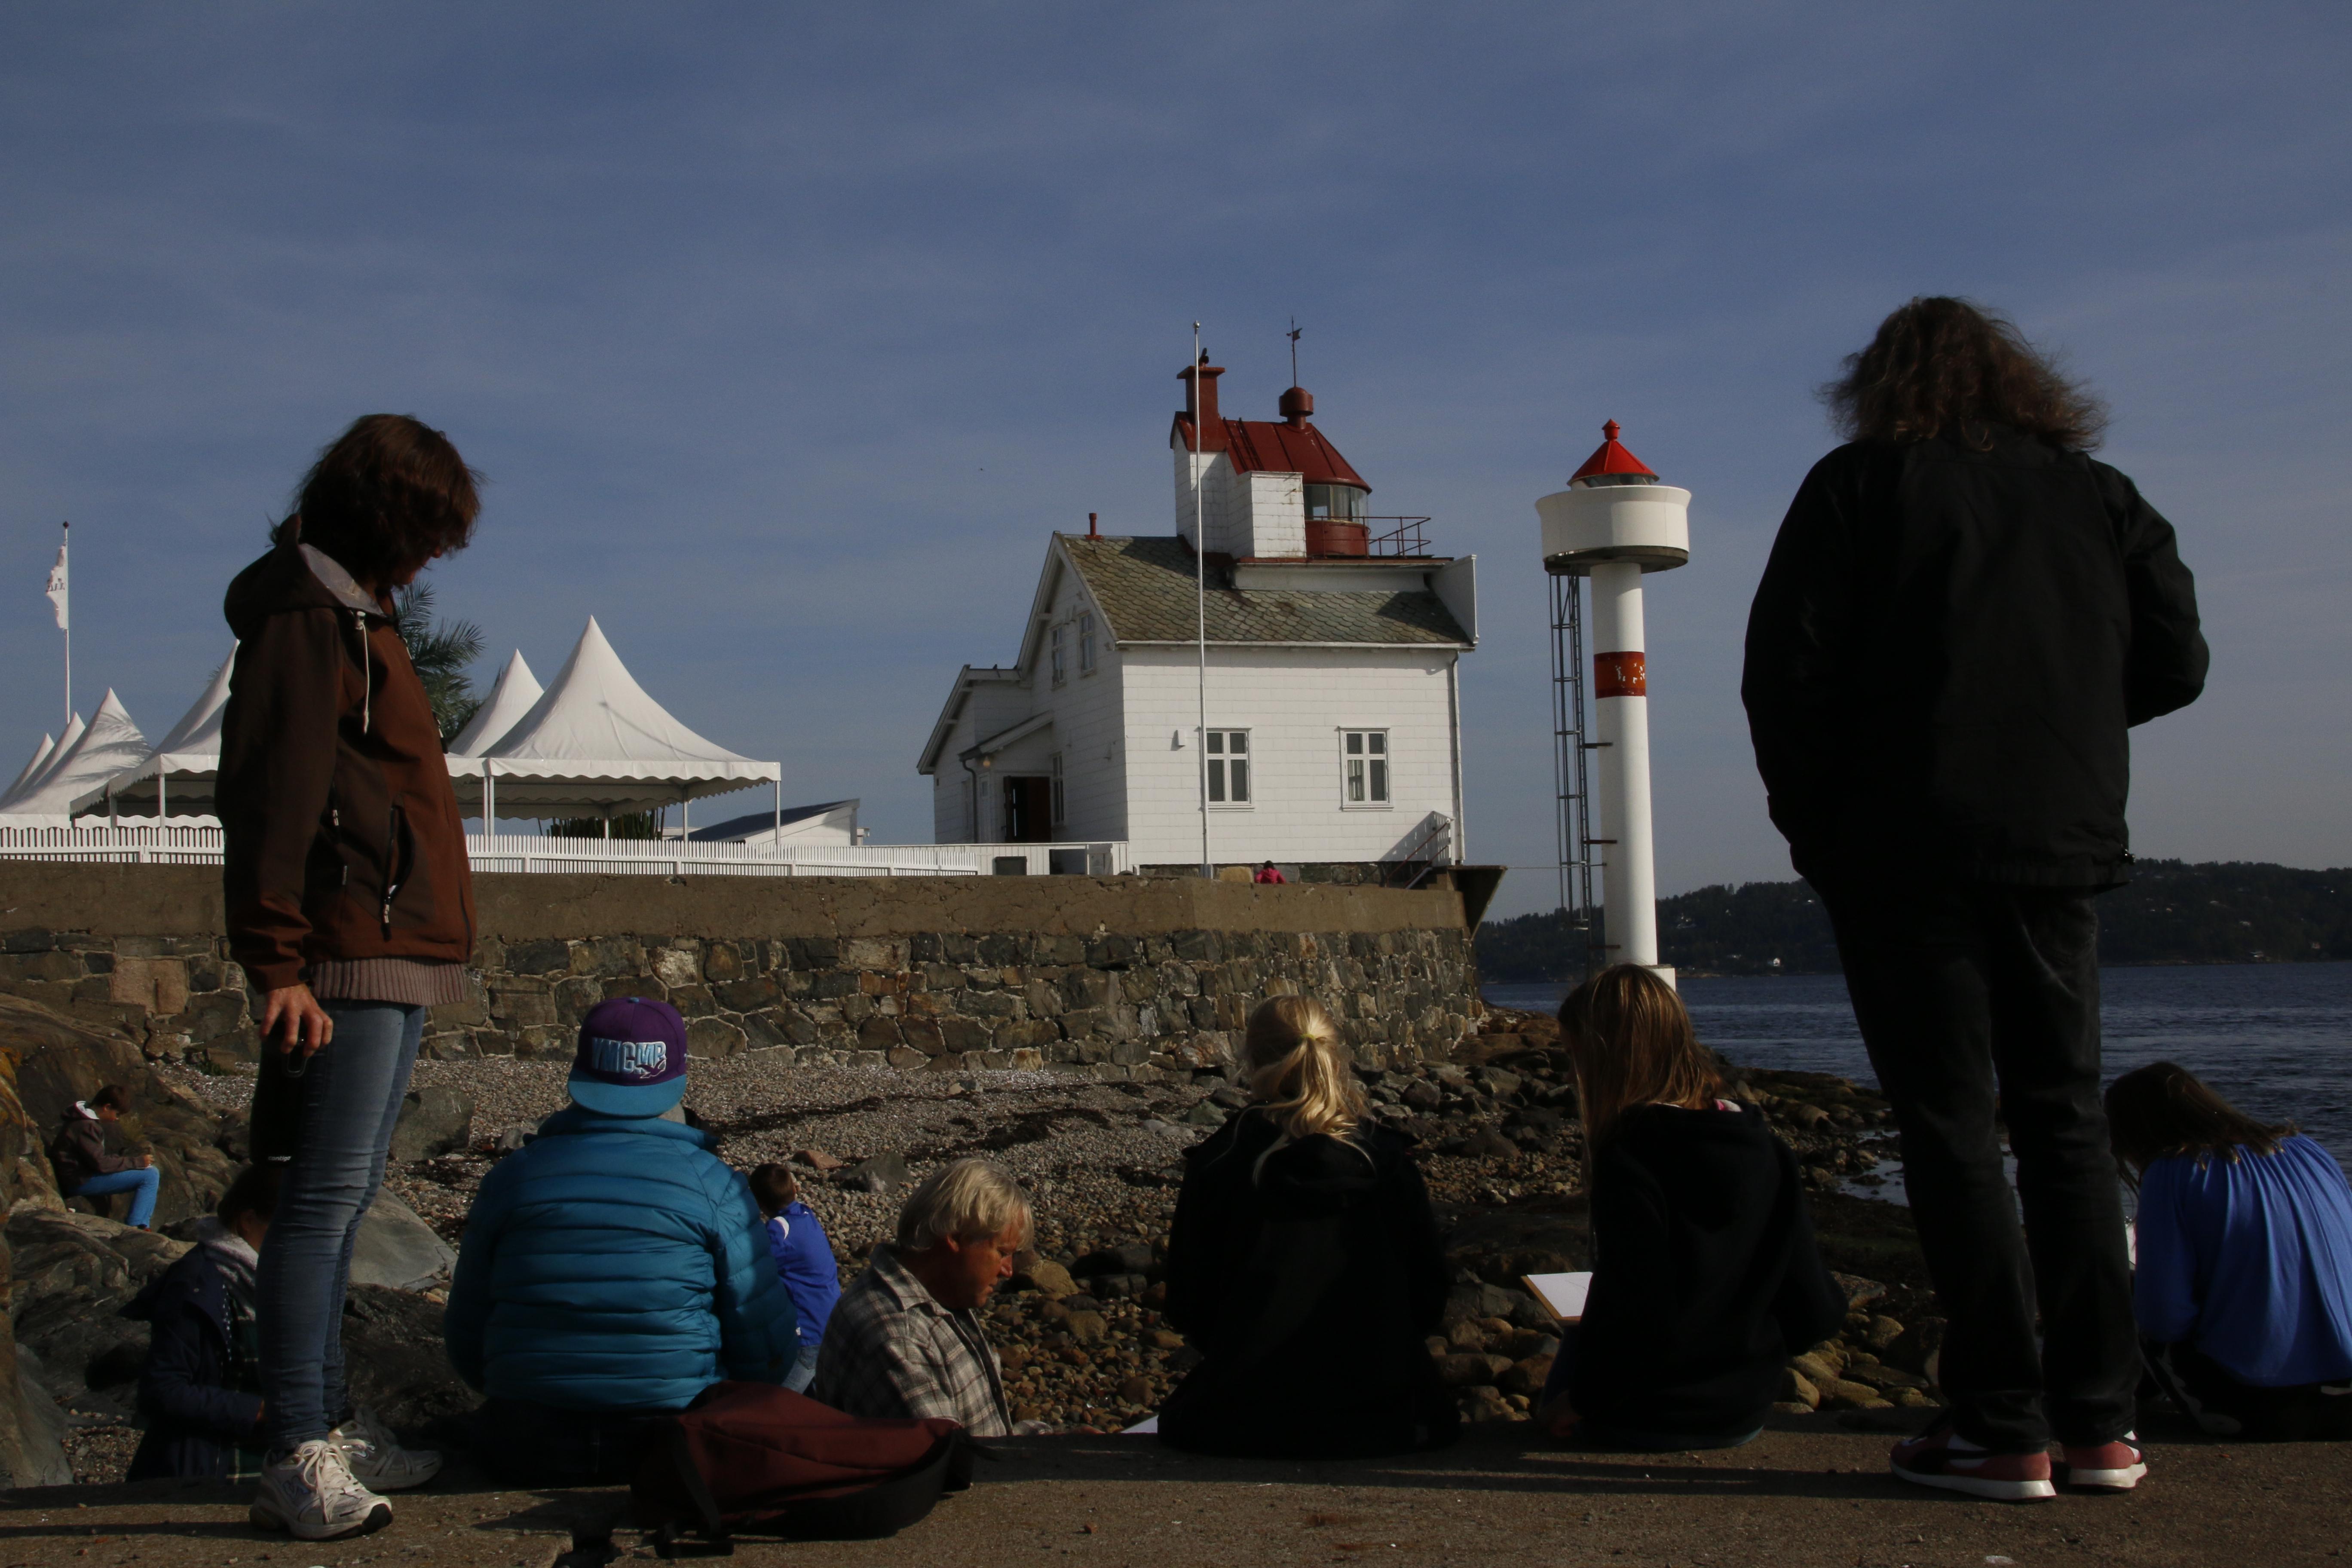 Ivrige tegnere i aksjon - med Olav Grimstad som veileder og lærerne som tilskuere.